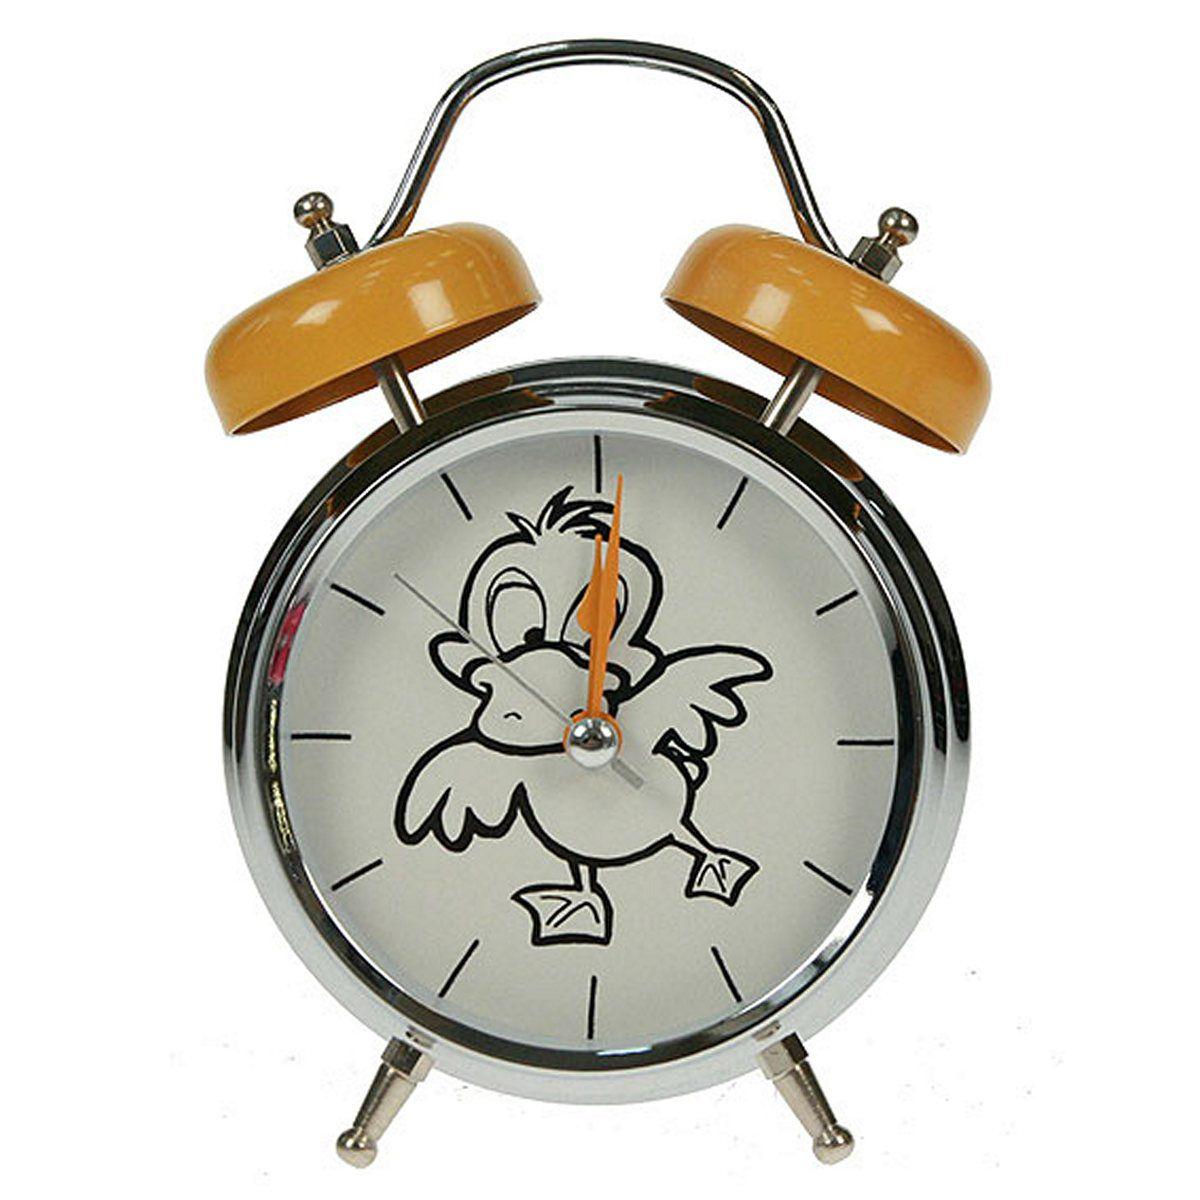 Часы настольные Русские Подарки Утка, с функцией будильника, 12 х 6 х 17 см. 23241296884Настольные кварцевые часы Русские Подарки Утка изготовлены из металла, циферблат защищен стеклом. Оригинальное оформление в виде смешной утки поднимет настроение, а благодаря функции будильника вы проснетесь вовремя. Часы имеют три стрелки - часовую, минутную и секундную.Такие часы украсят интерьер дома или рабочий стол в офисе. Также часы могут стать уникальным, полезным подарком для родственников, коллег, знакомых и близких.Часы работают от батареек типа АА (в комплект не входят).